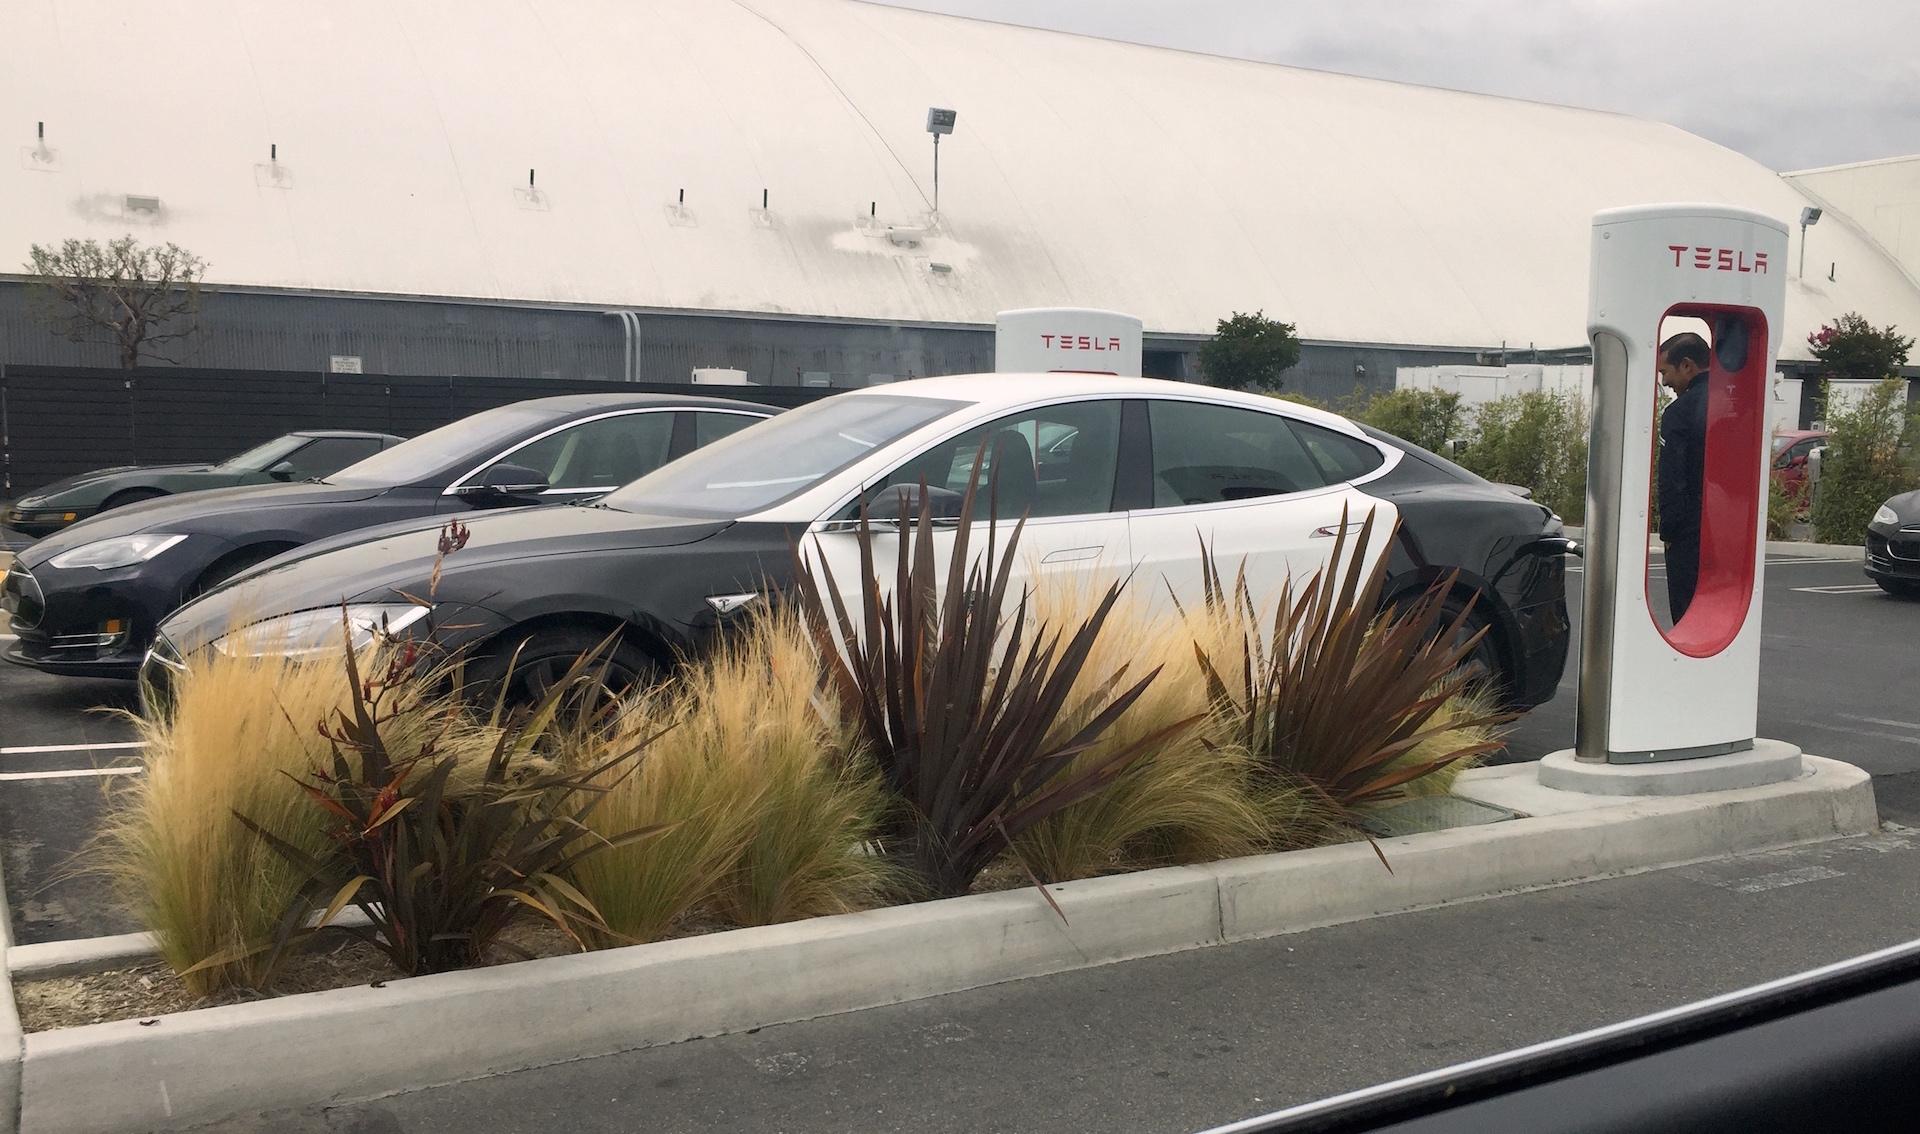 LAPD Model S spotted Supercharging at Tesla Design Center